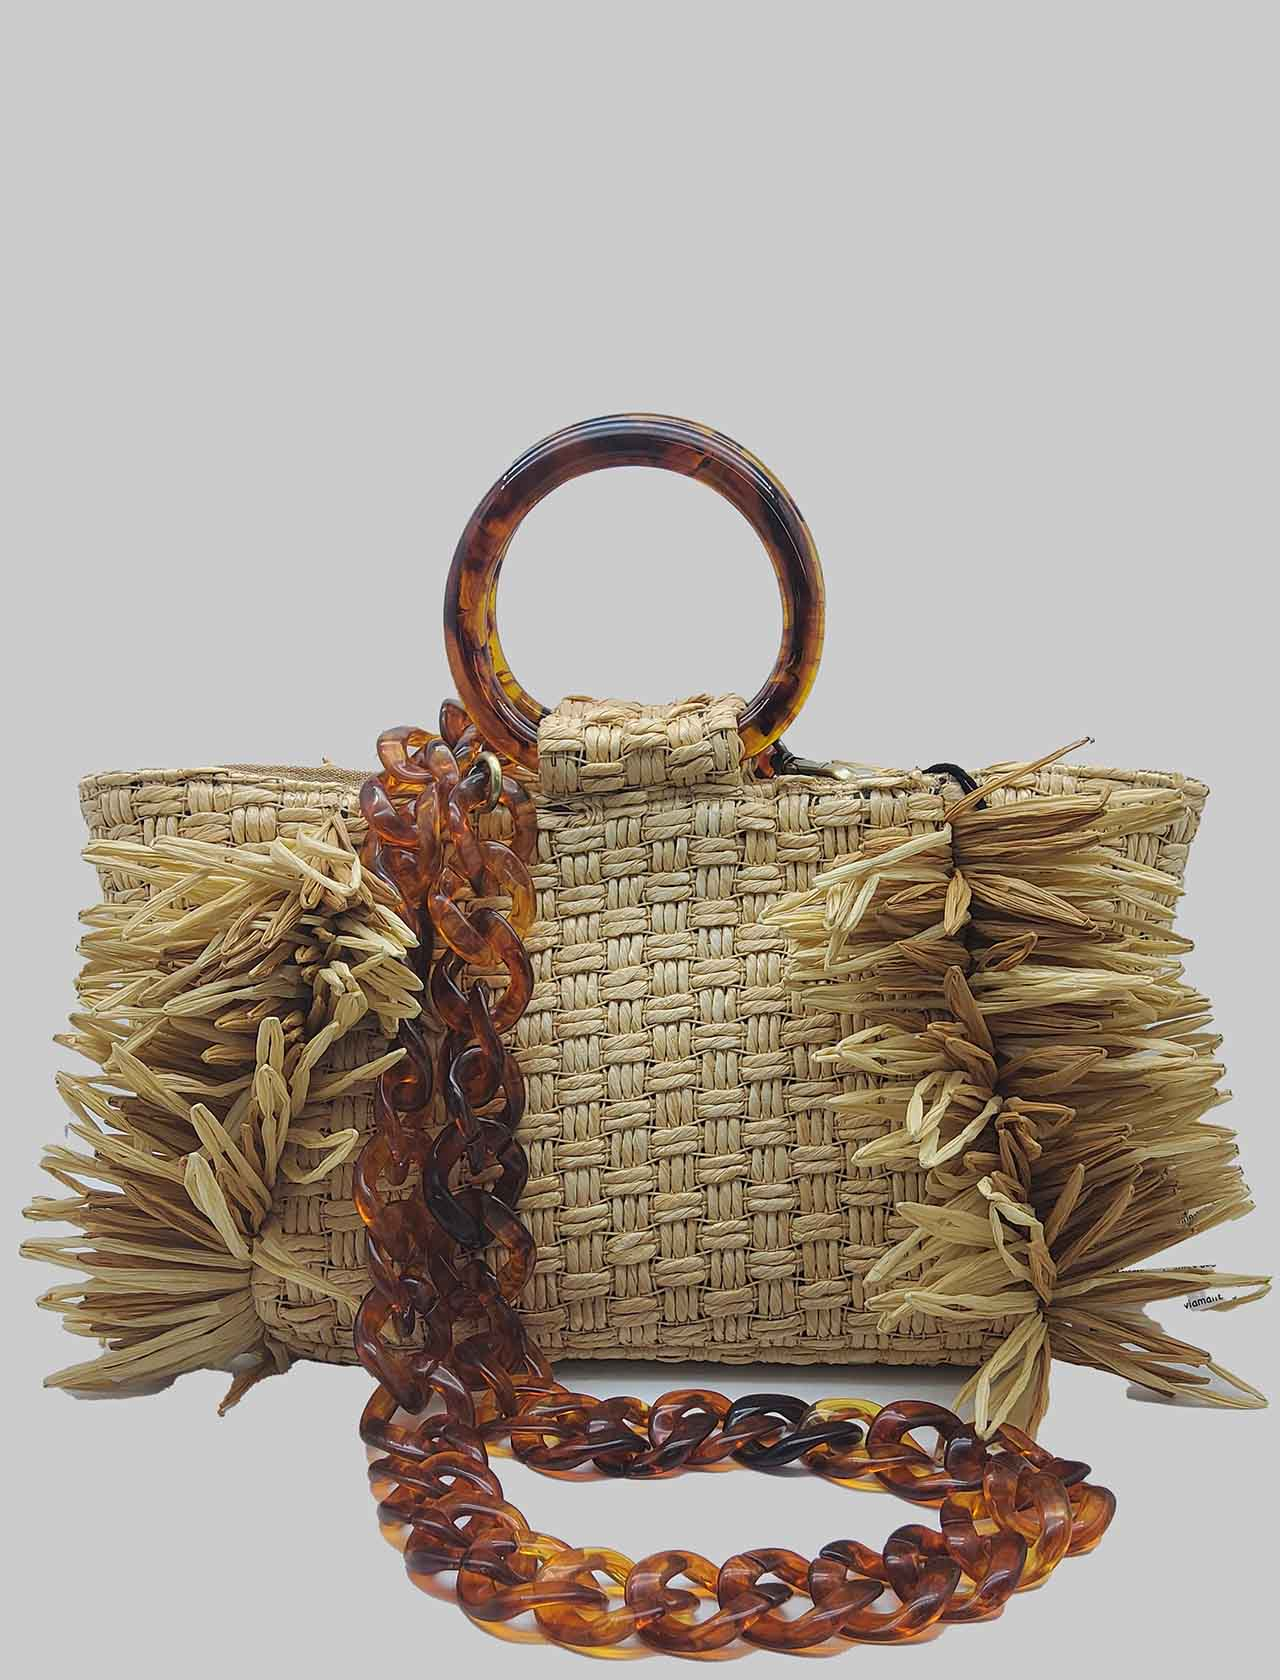 Borsa Donna In Rafia Intrecciata Naturale Con Manici In Resina e Tracolla a Catena Removibile Via Mail Bag | Borse e zaini | RAFIAR01